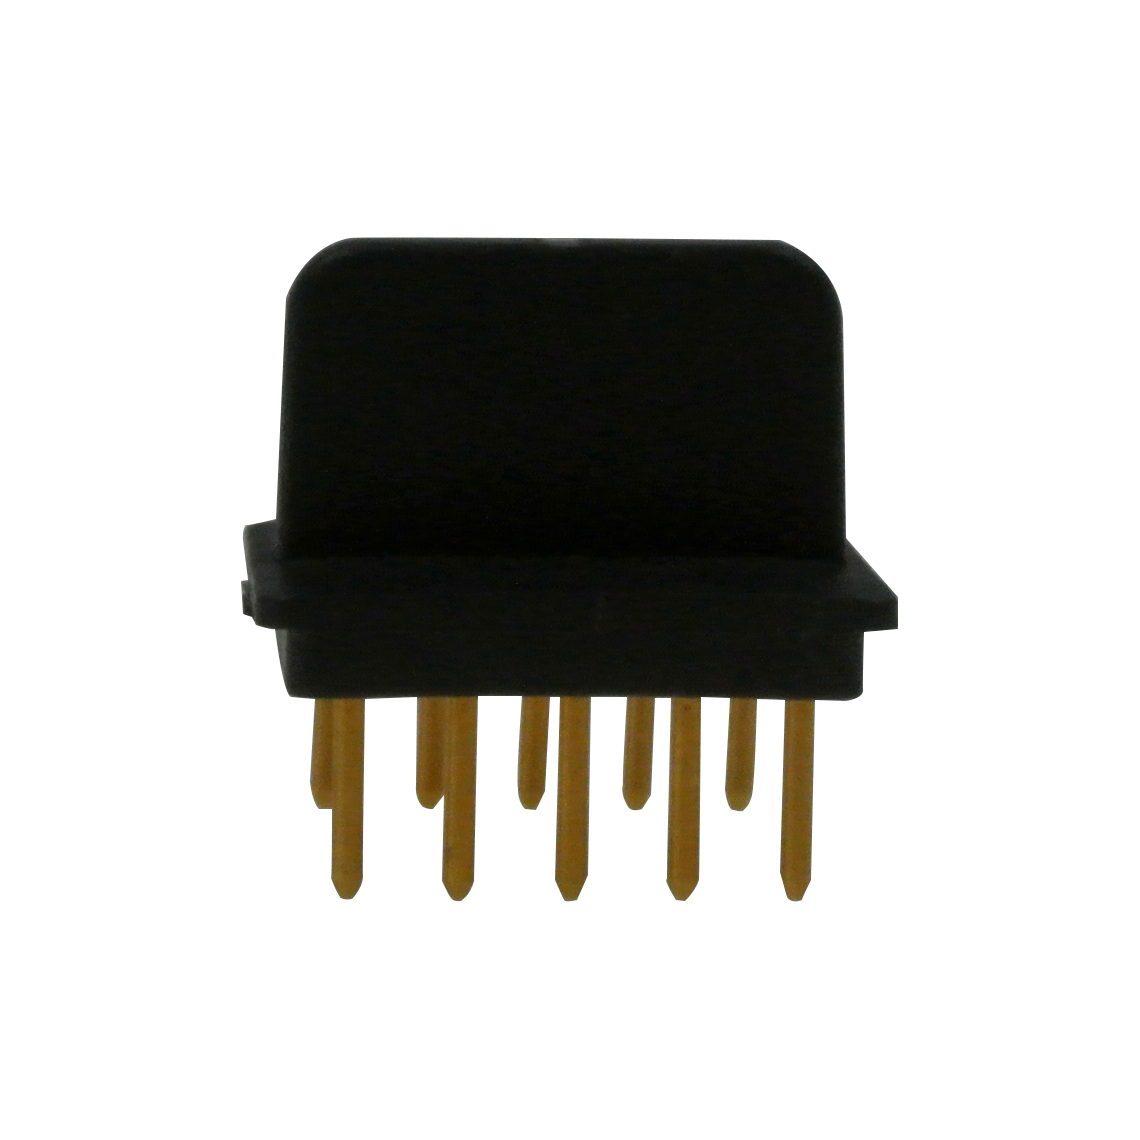 Verbindungsstecker STC-DO8 zu STC-PLUS 4DO Produktbild